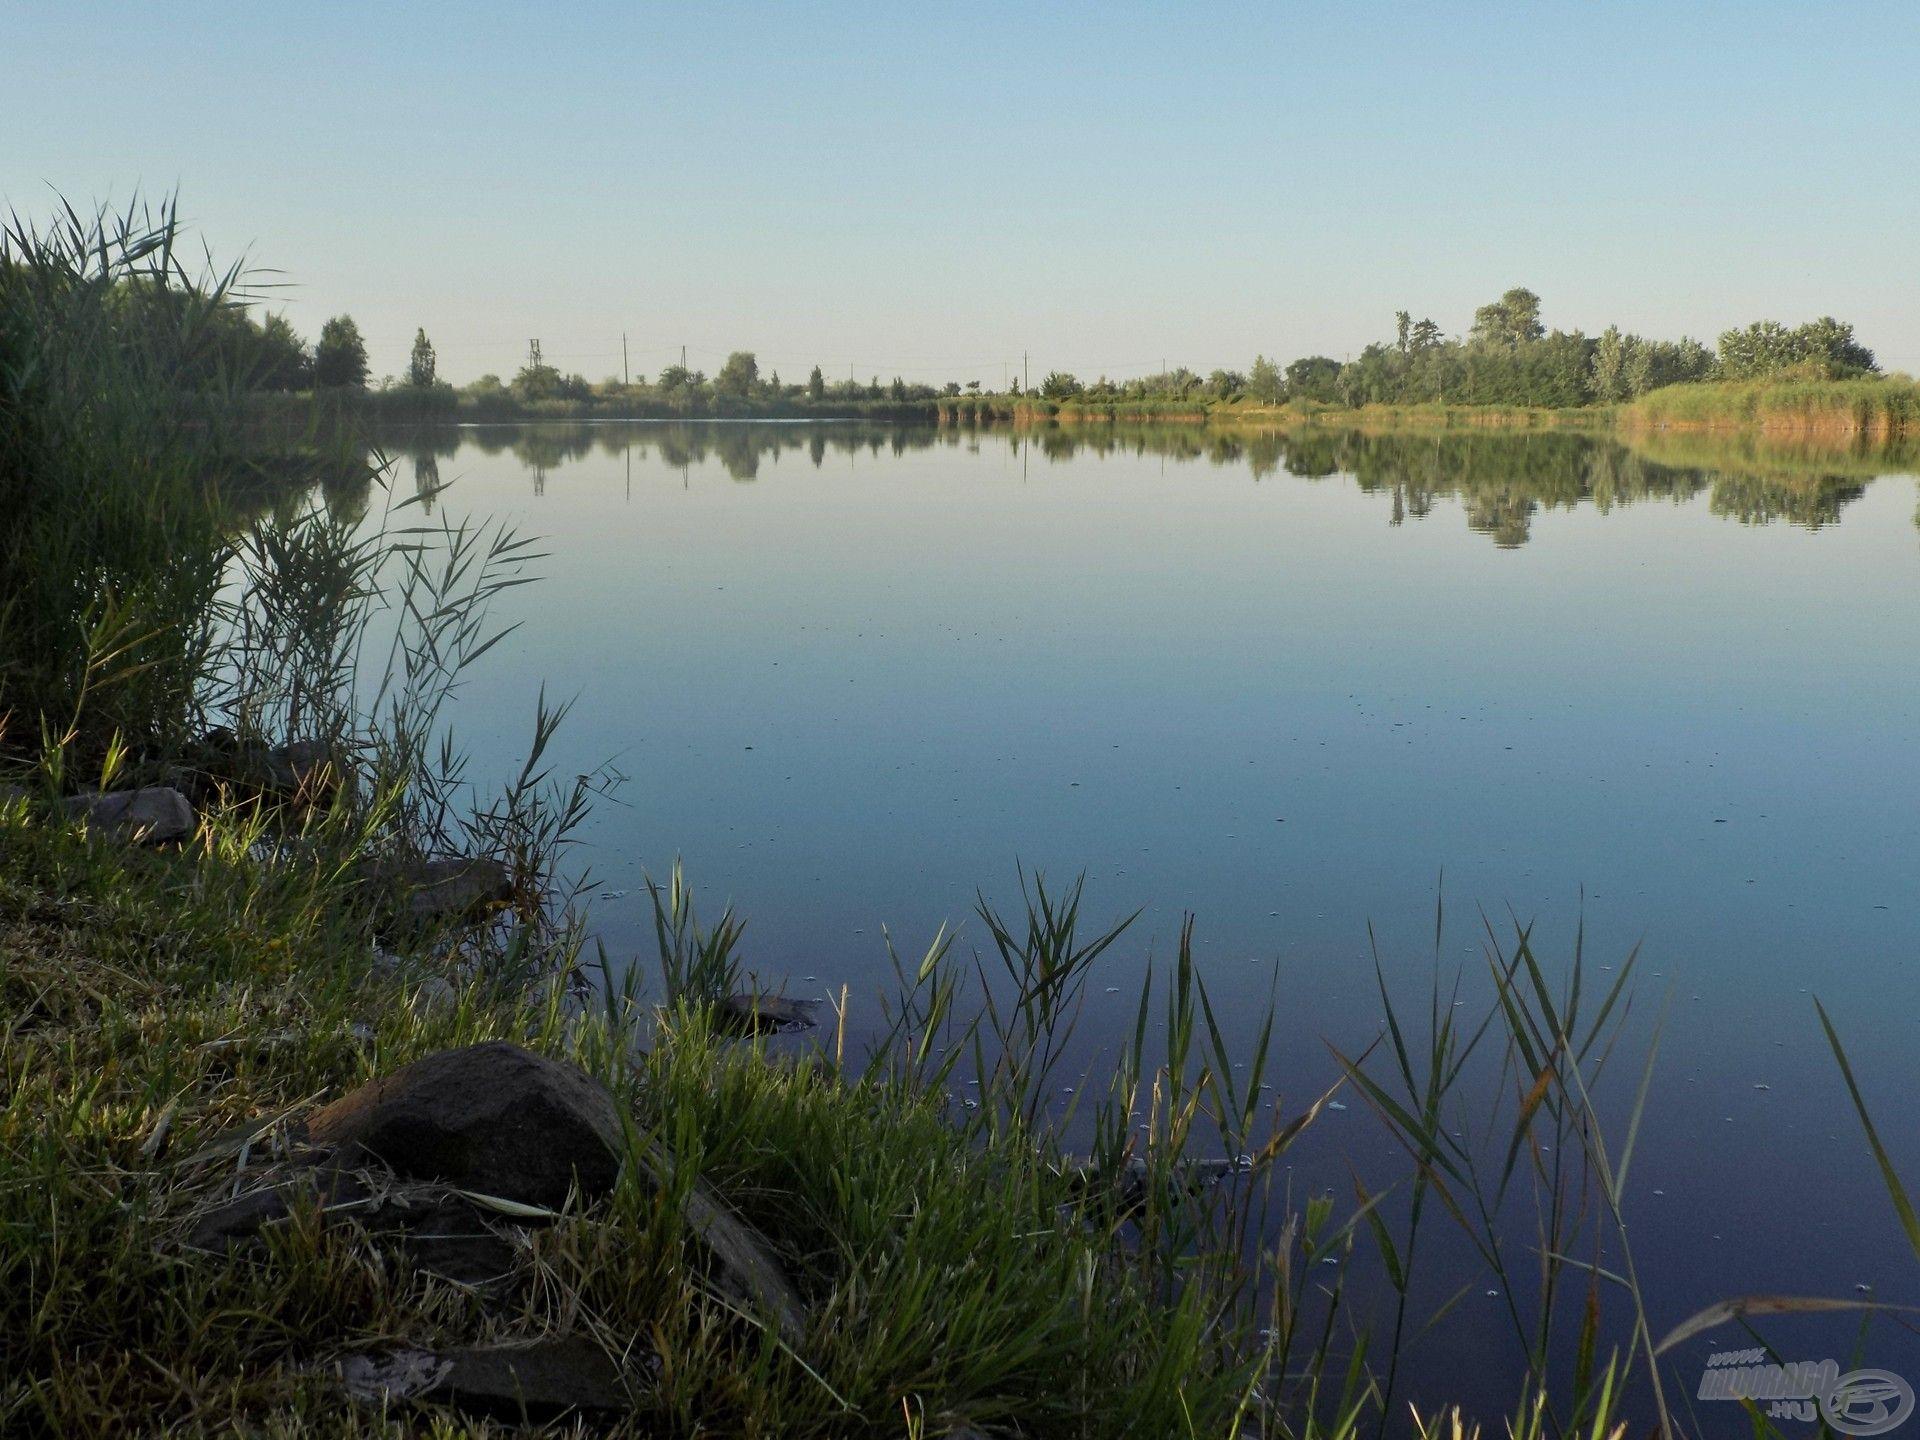 A számomra legkedvesebb vízterületre látogattam el egy rövid nyári horgászatra, az orosházi Új-Homokbánya Horgásztóra. Megunhatatlan lehetőségeket, élményeket kínál ez a vízterület bárki számára